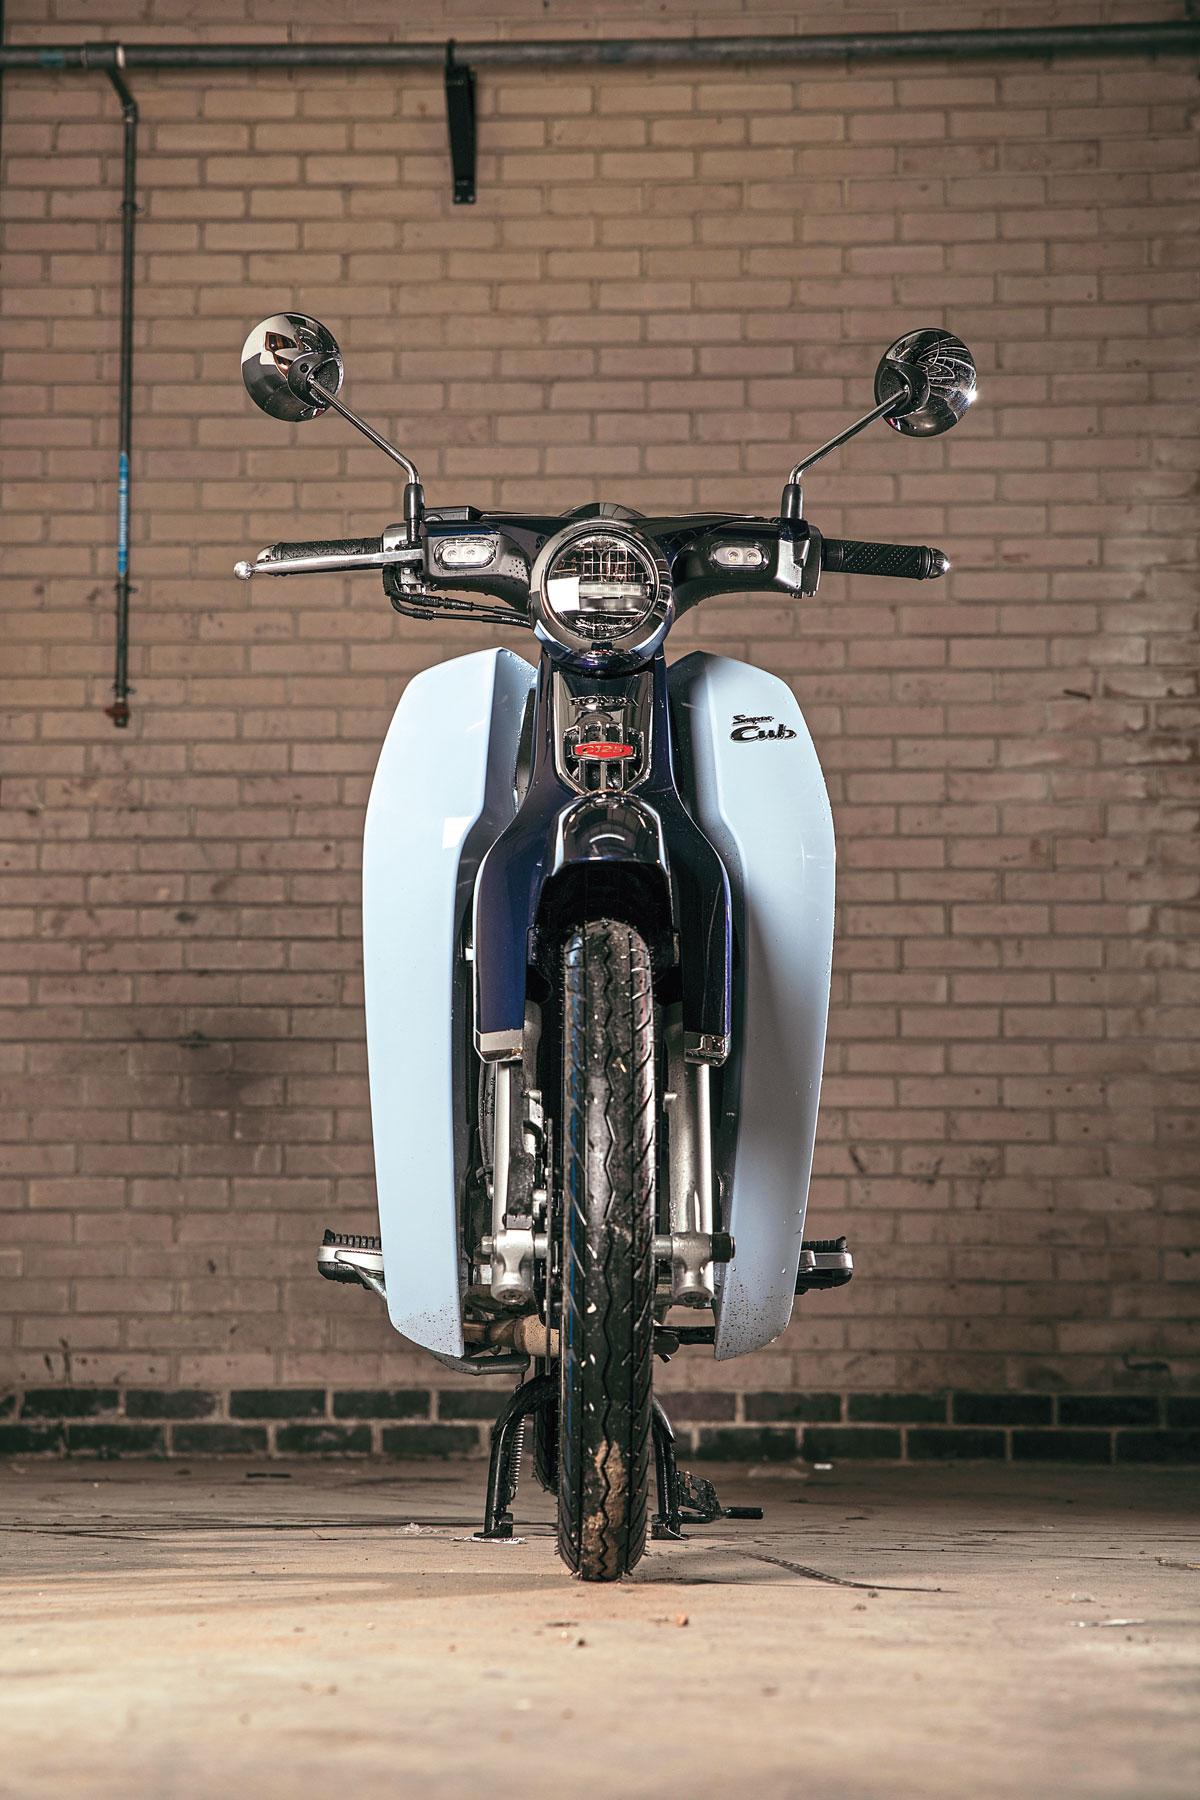 Honda Super Cub C125 front view